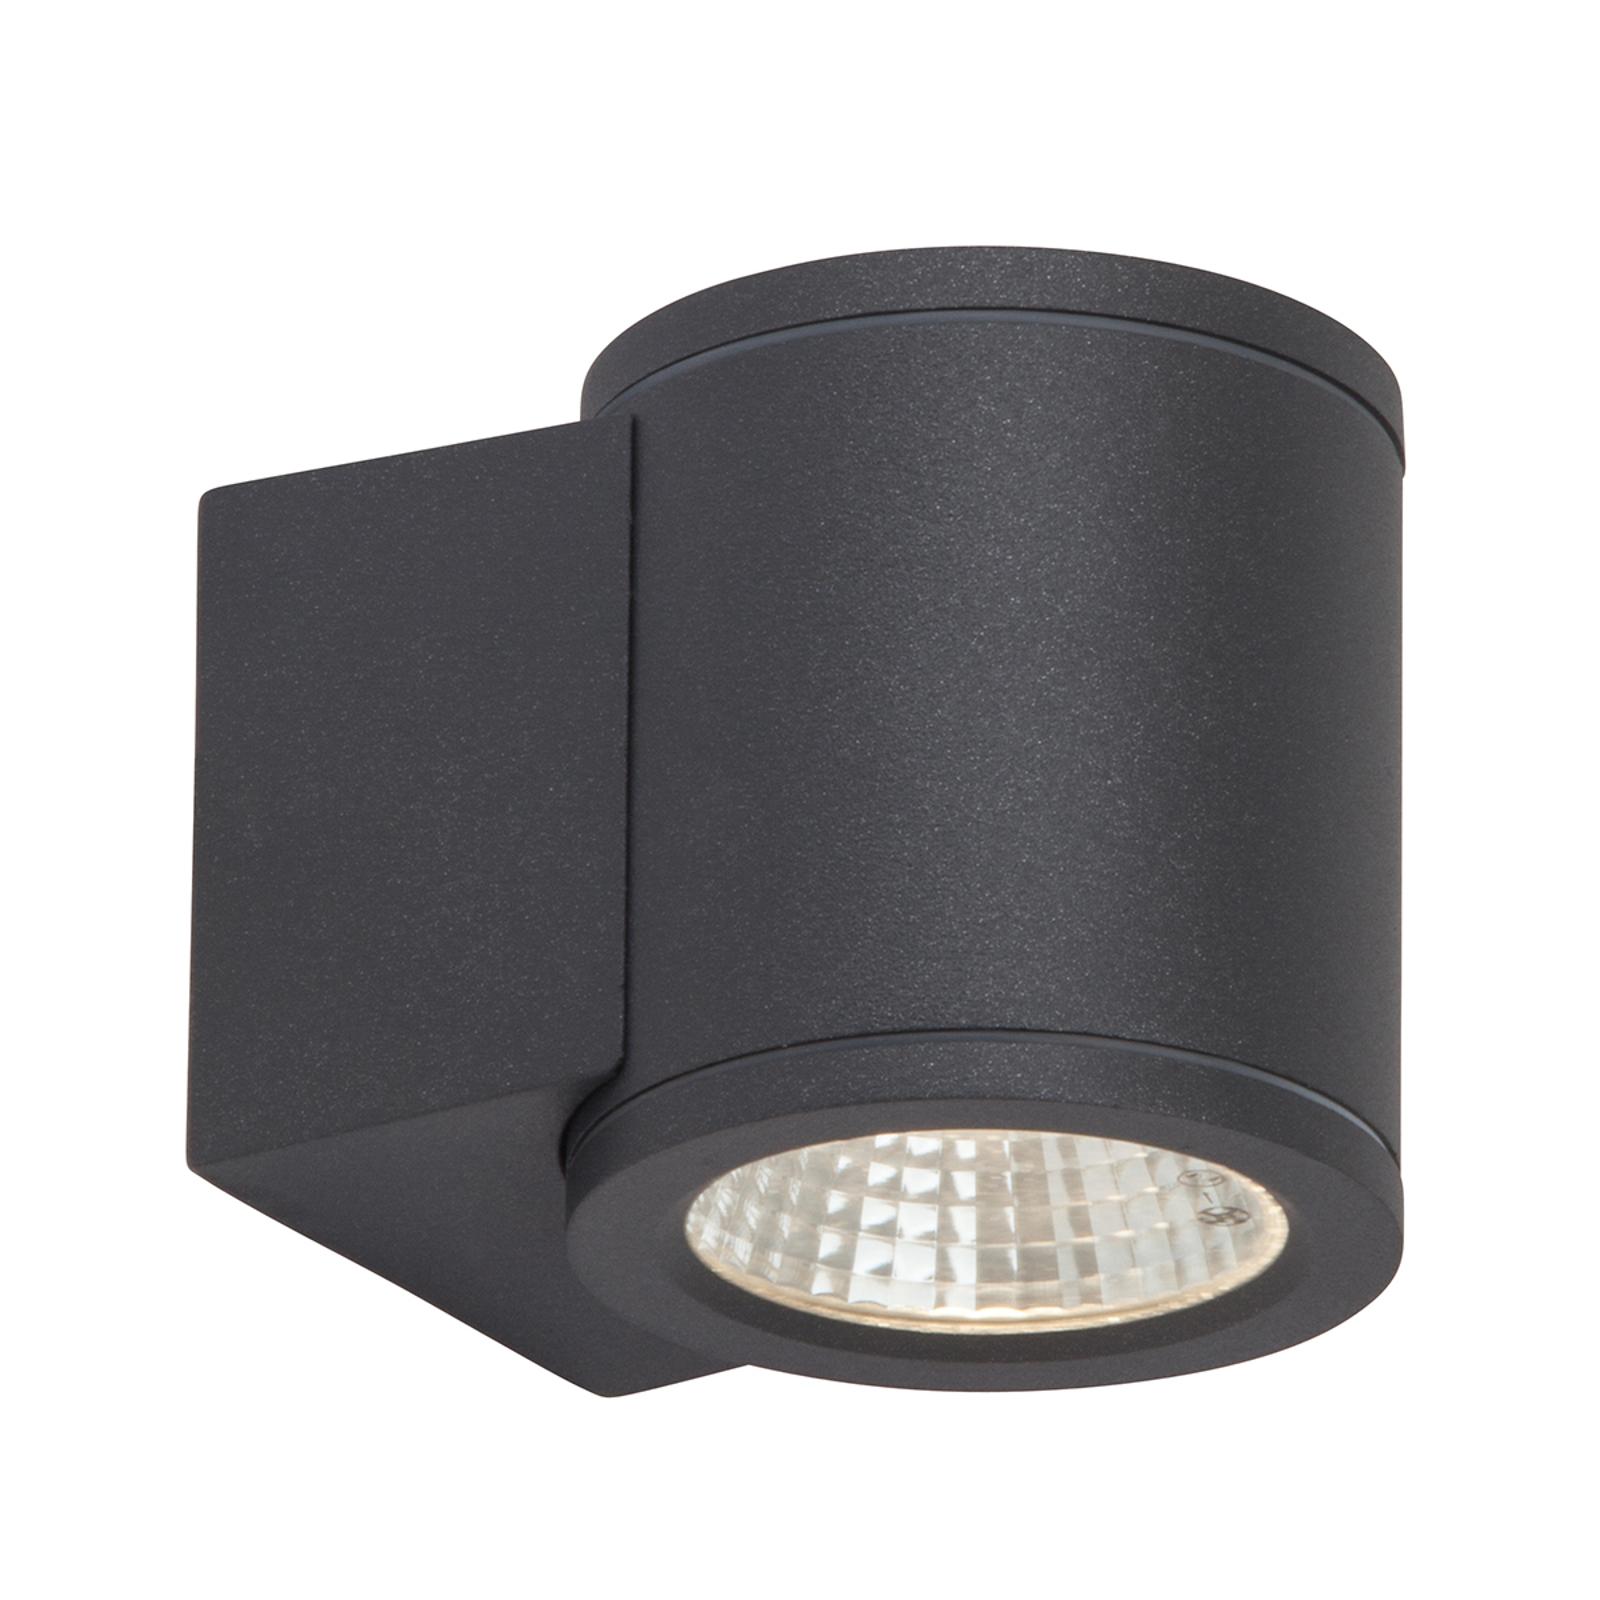 AEG Argo - wetterfeste LED-Außenwandleuchte kaufen